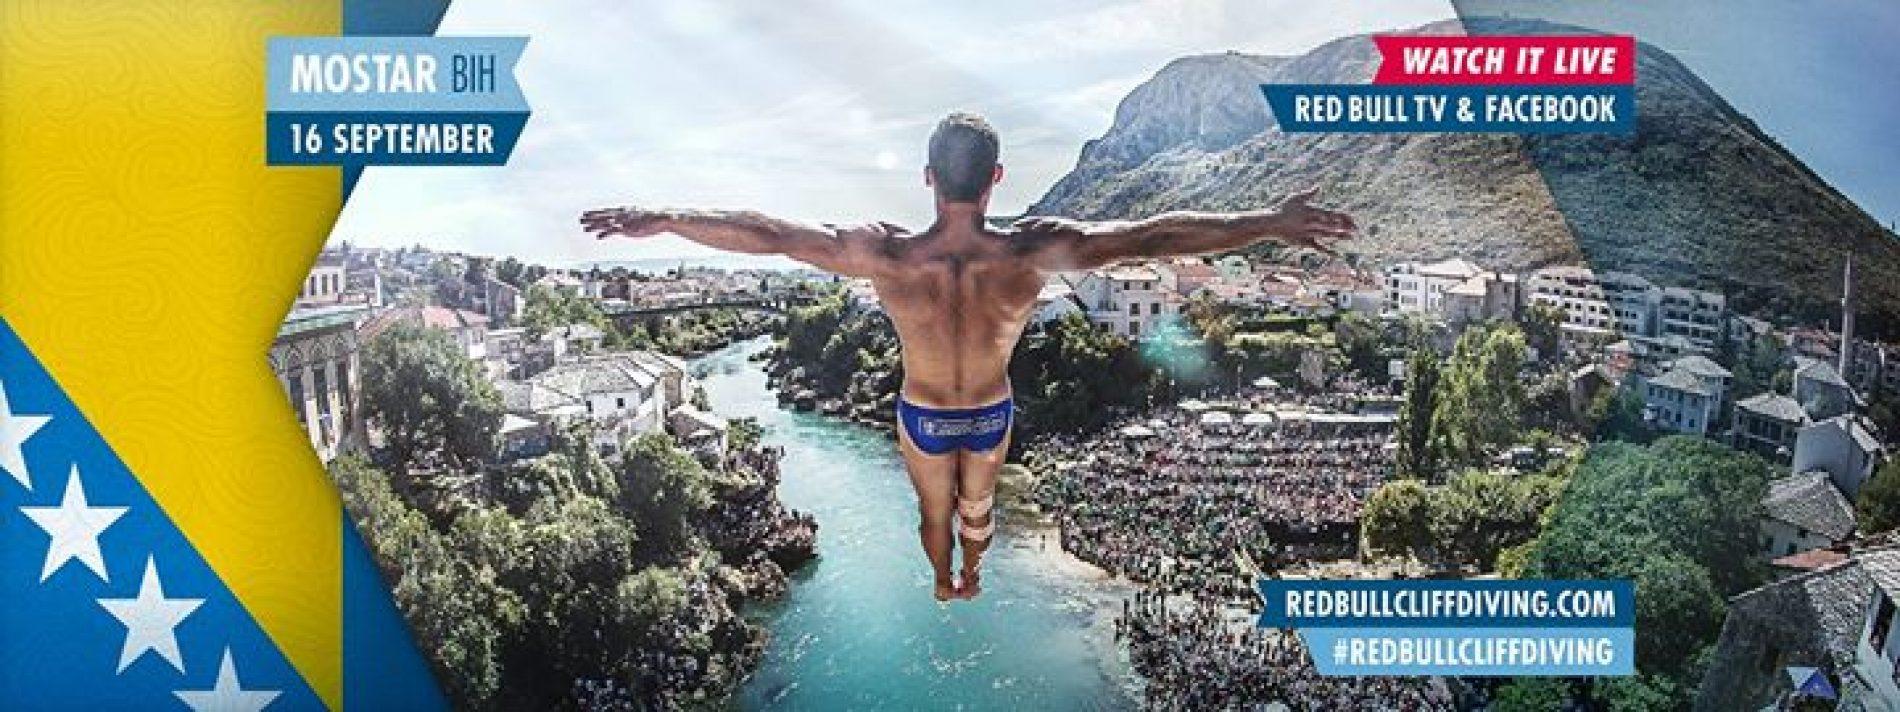 Stiže svjetska elita: Mostar i Bosna i Hercegovina će još jednom ugostiti najbolje svjetske skakače i skakačice na Starom mostu